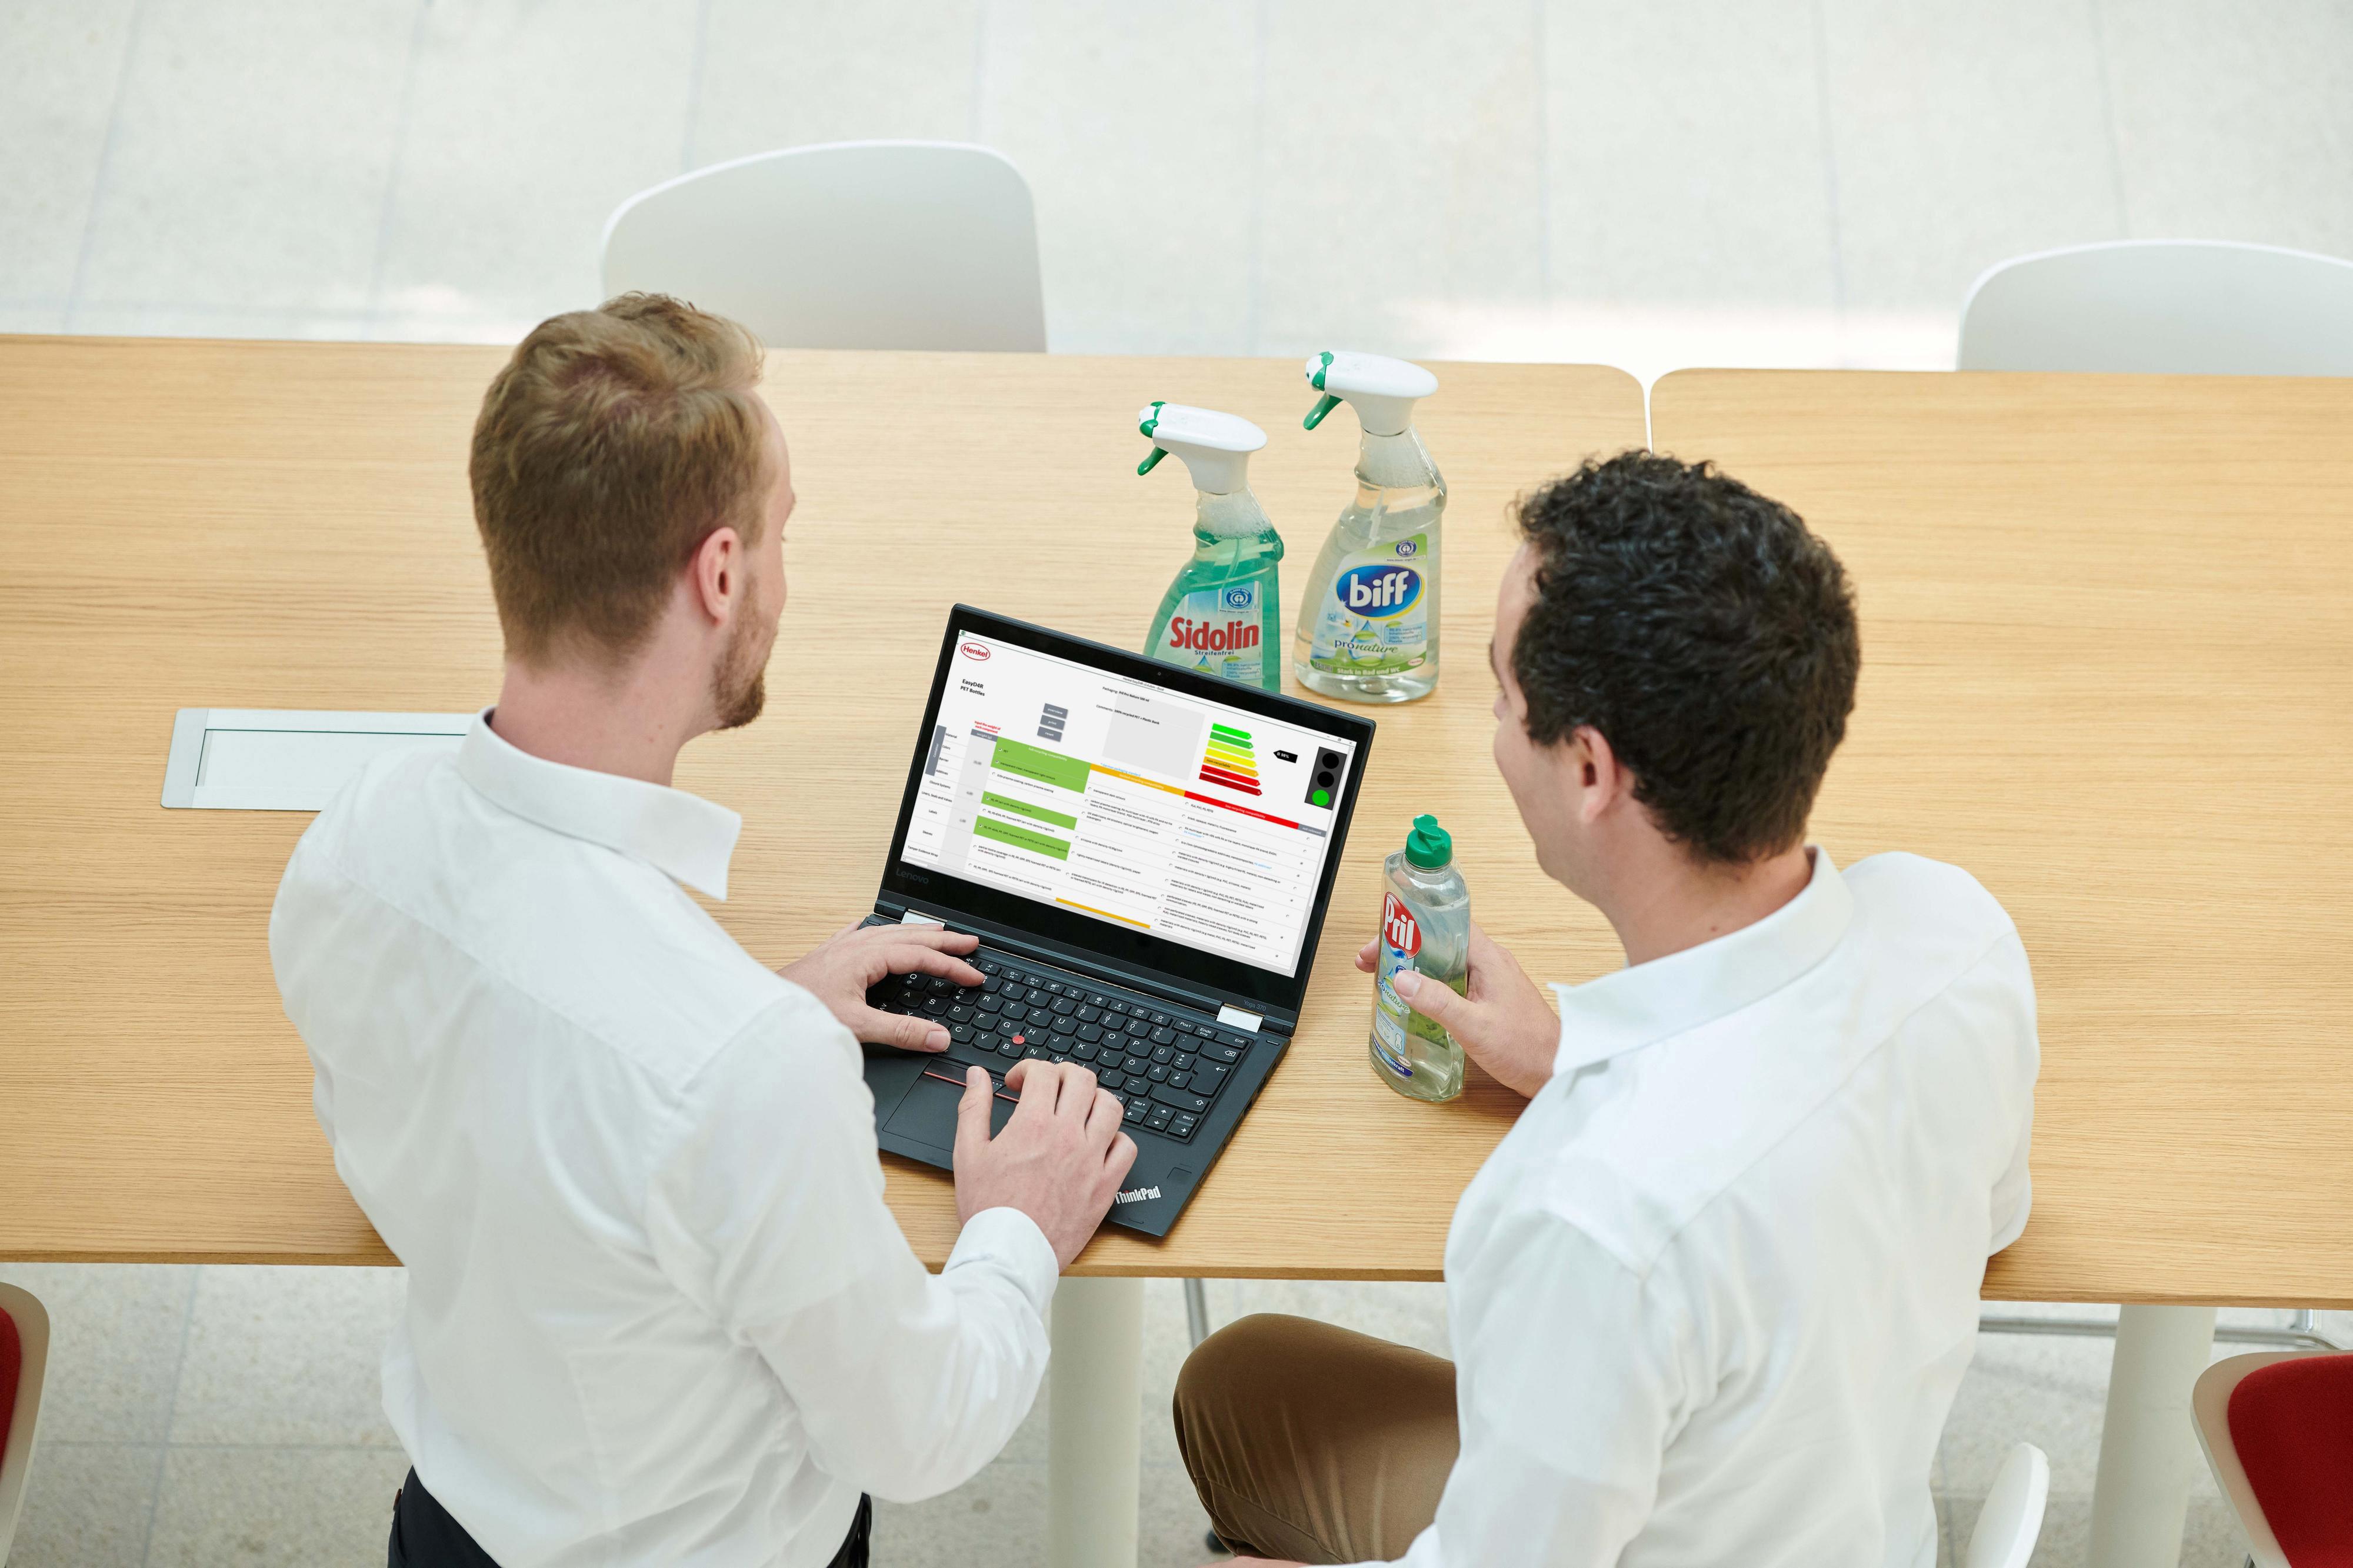 Henkel, Ambalajlamada Geri Dönüştürülebilirliği Geliştirdiği Yazılım İle Sağlıyor